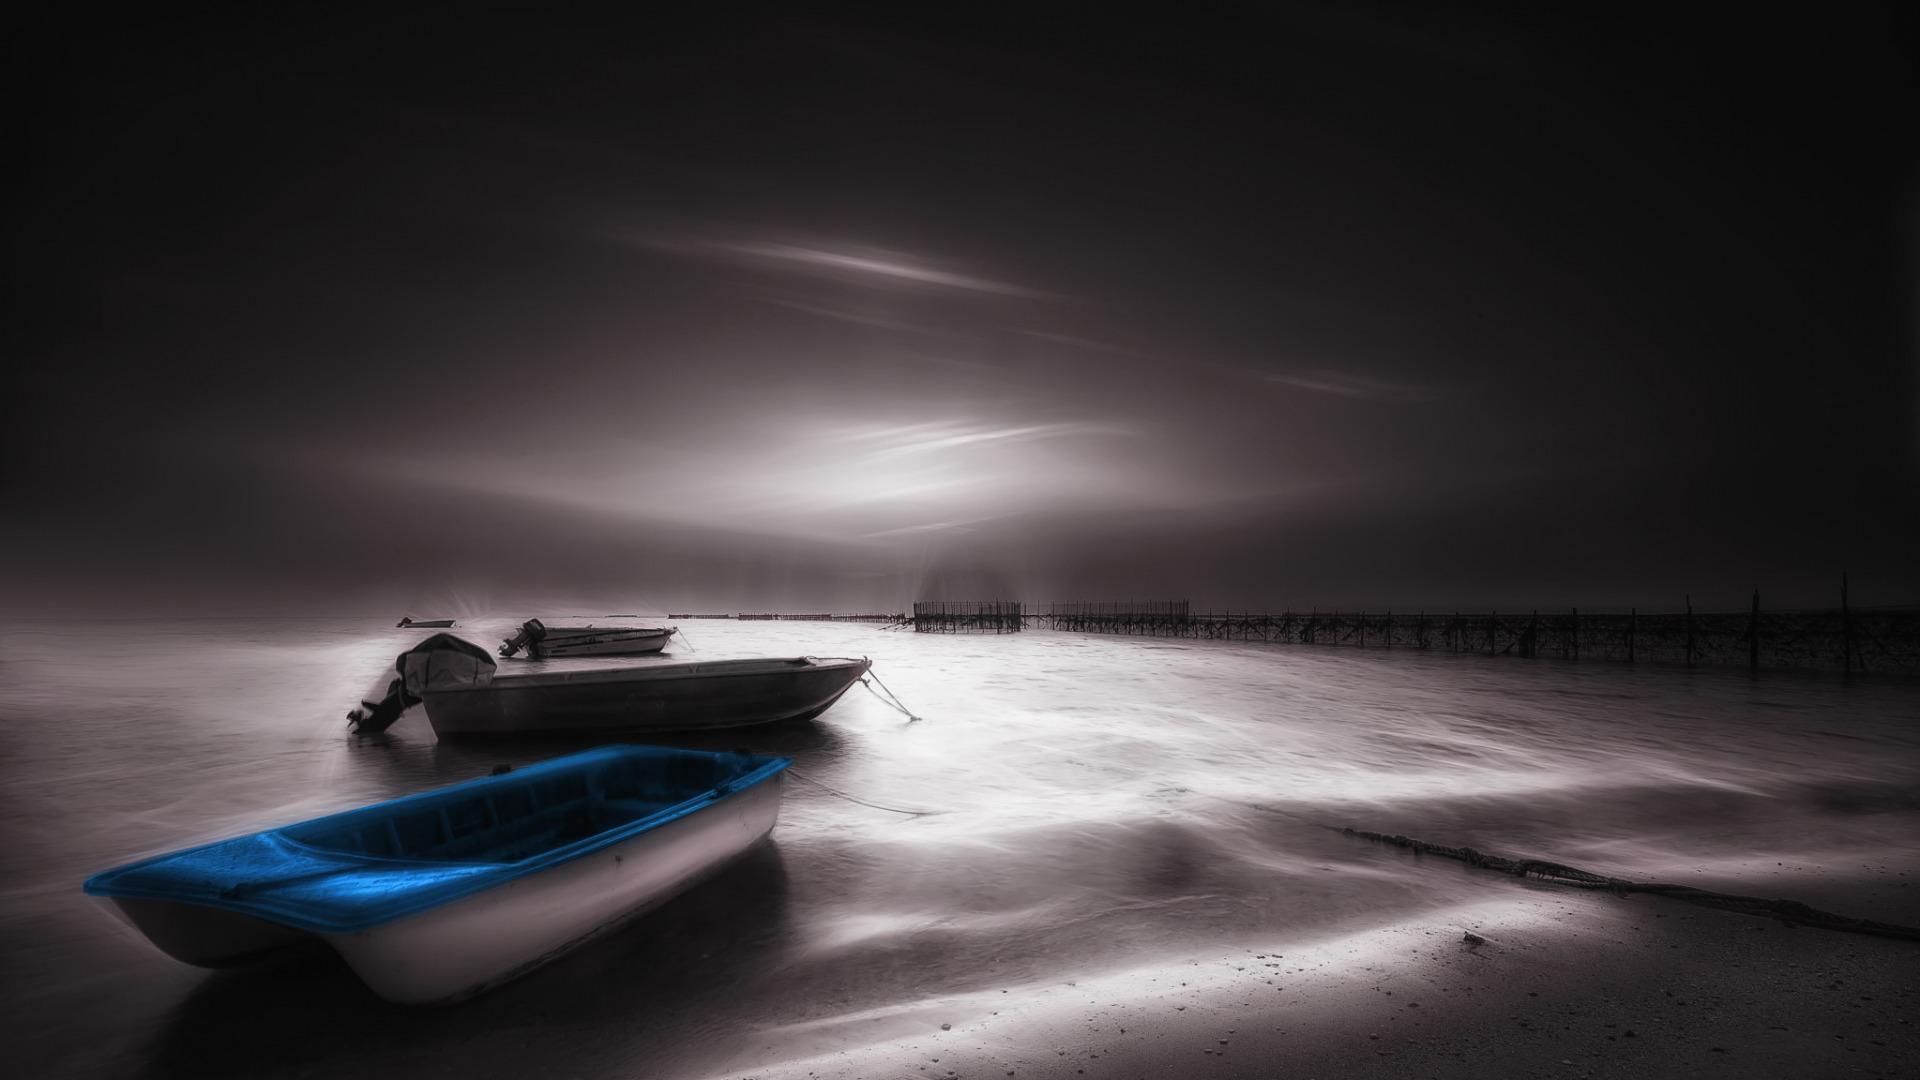 лодки ночь  № 3506443 бесплатно